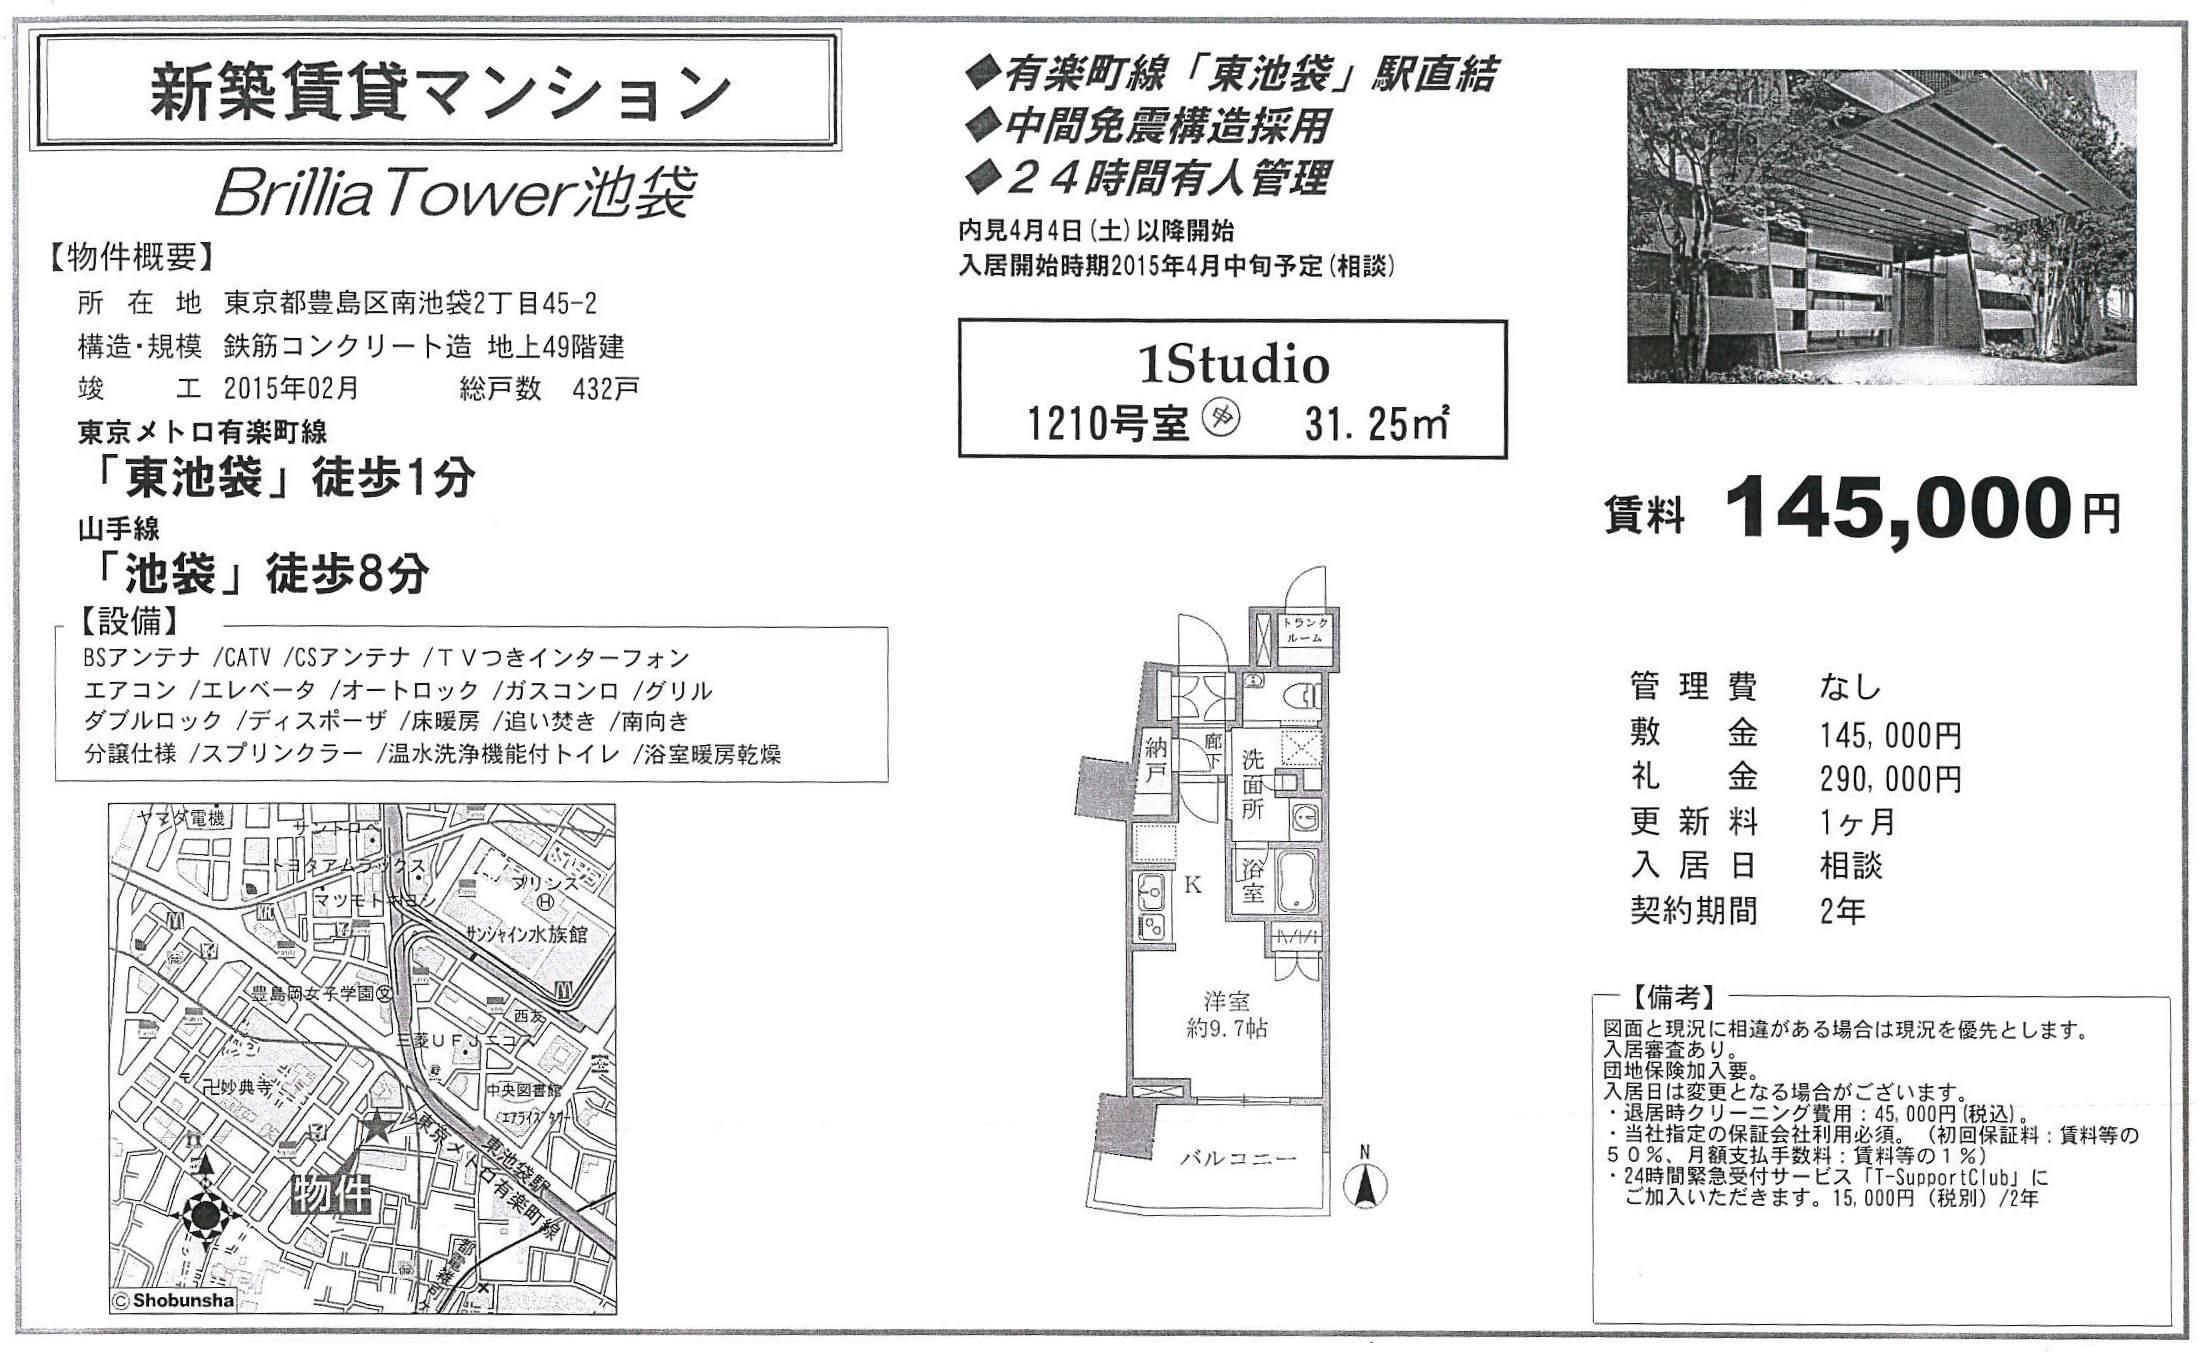 ブリリアタワー池袋図面1210号室